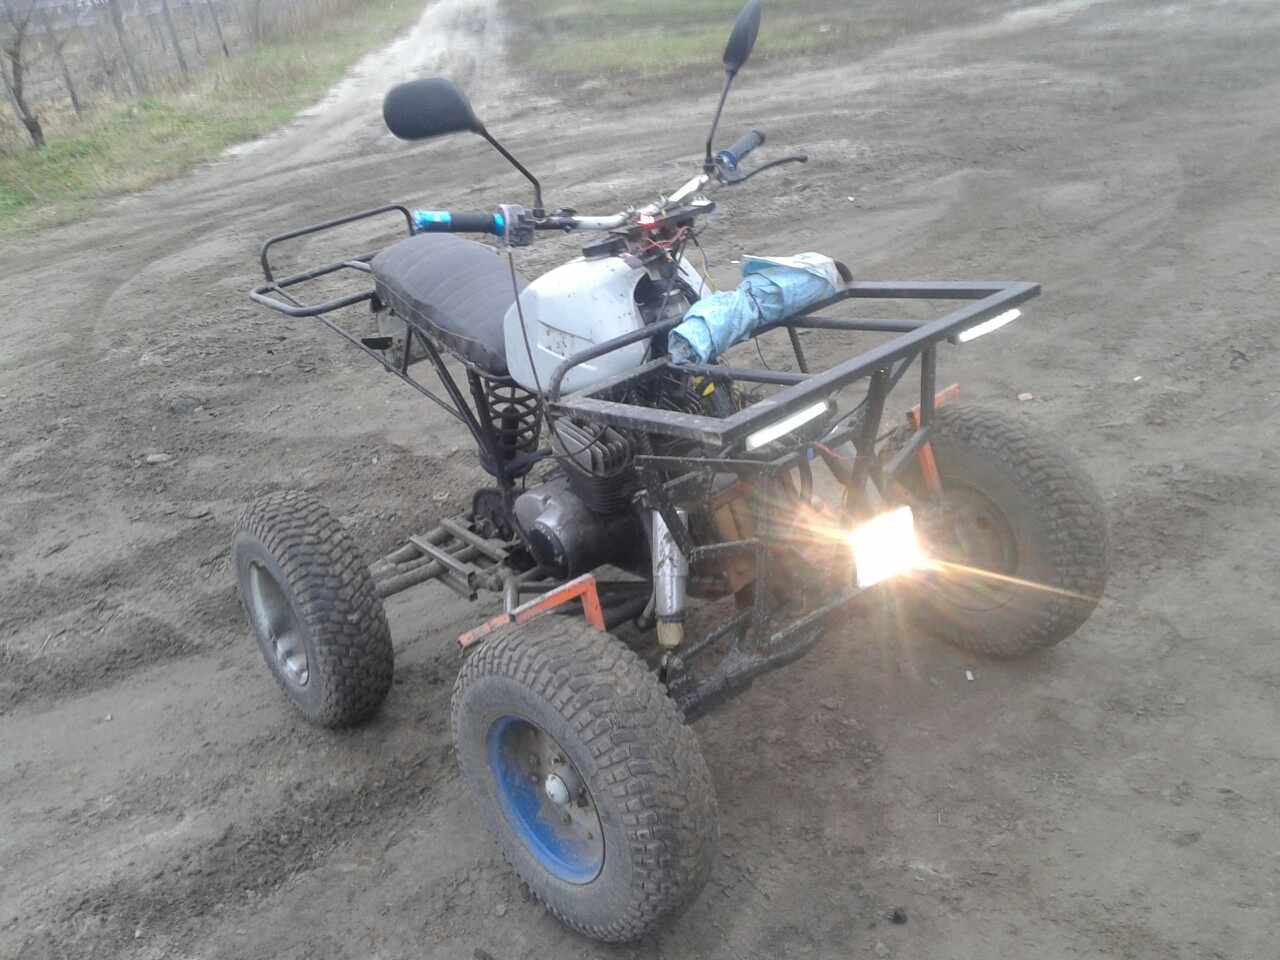 Украинец собрал в гараже мощный квадроцикл 2